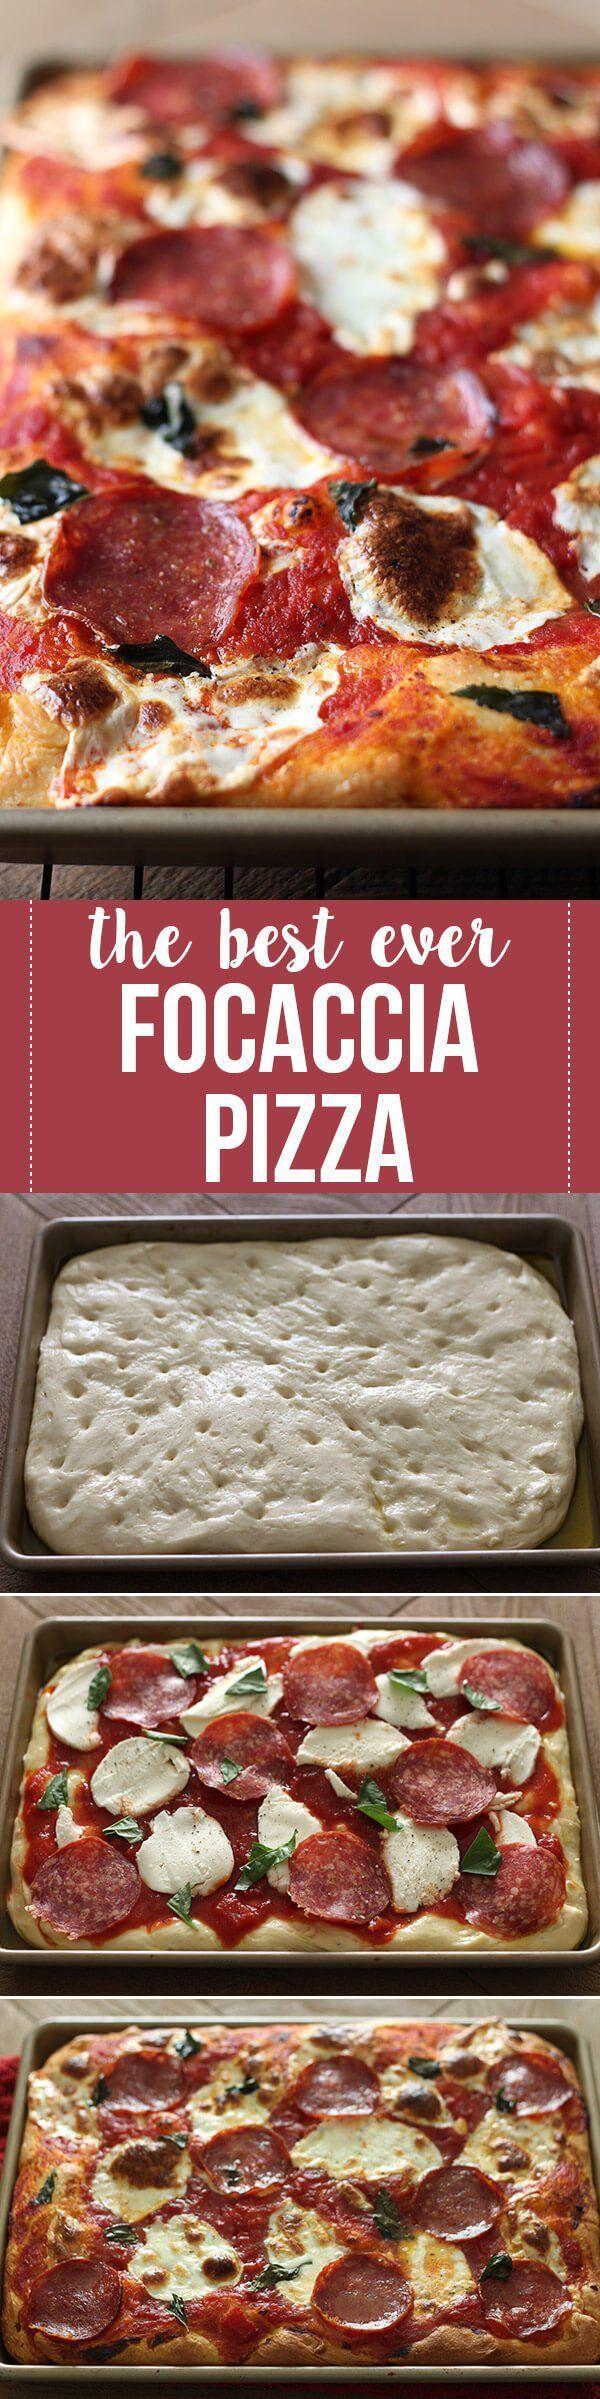 Blue apron pizza dough - Best Ever Focaccia Pizza